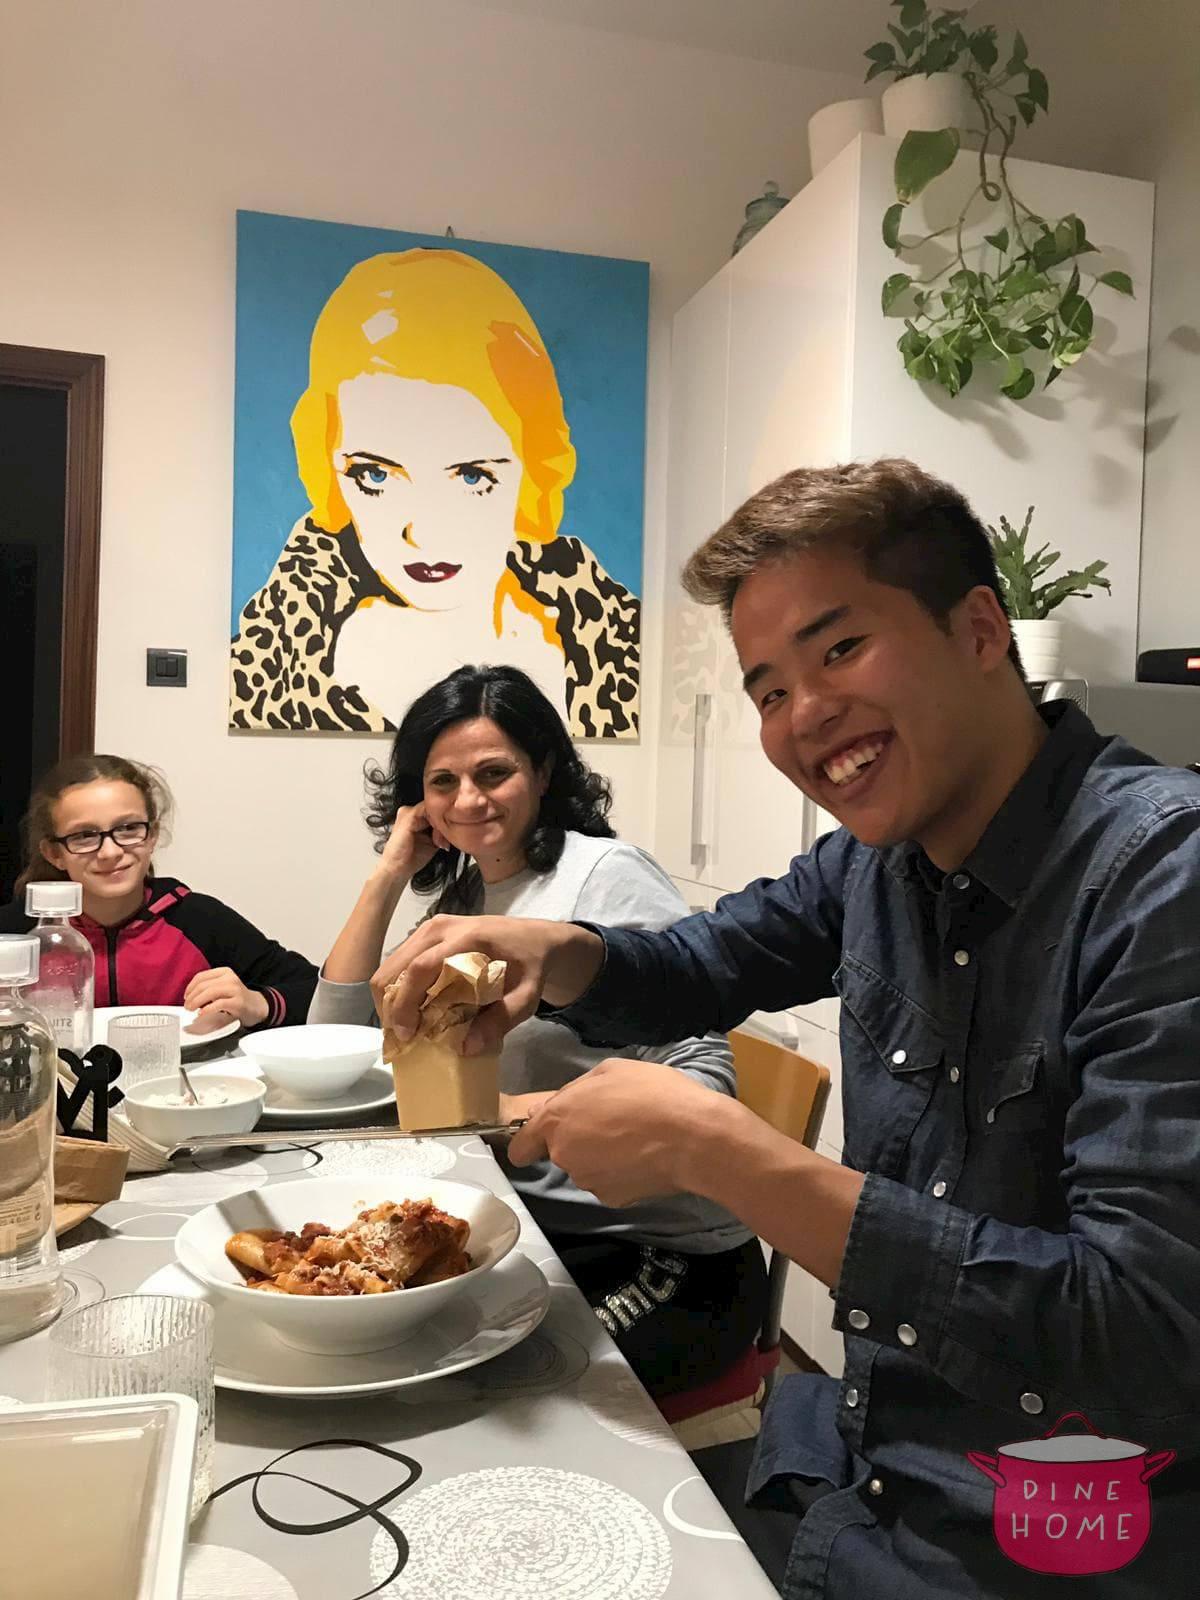 Shugo, studente dal Giappone, a cena dalla sua famiglia Dinehome.